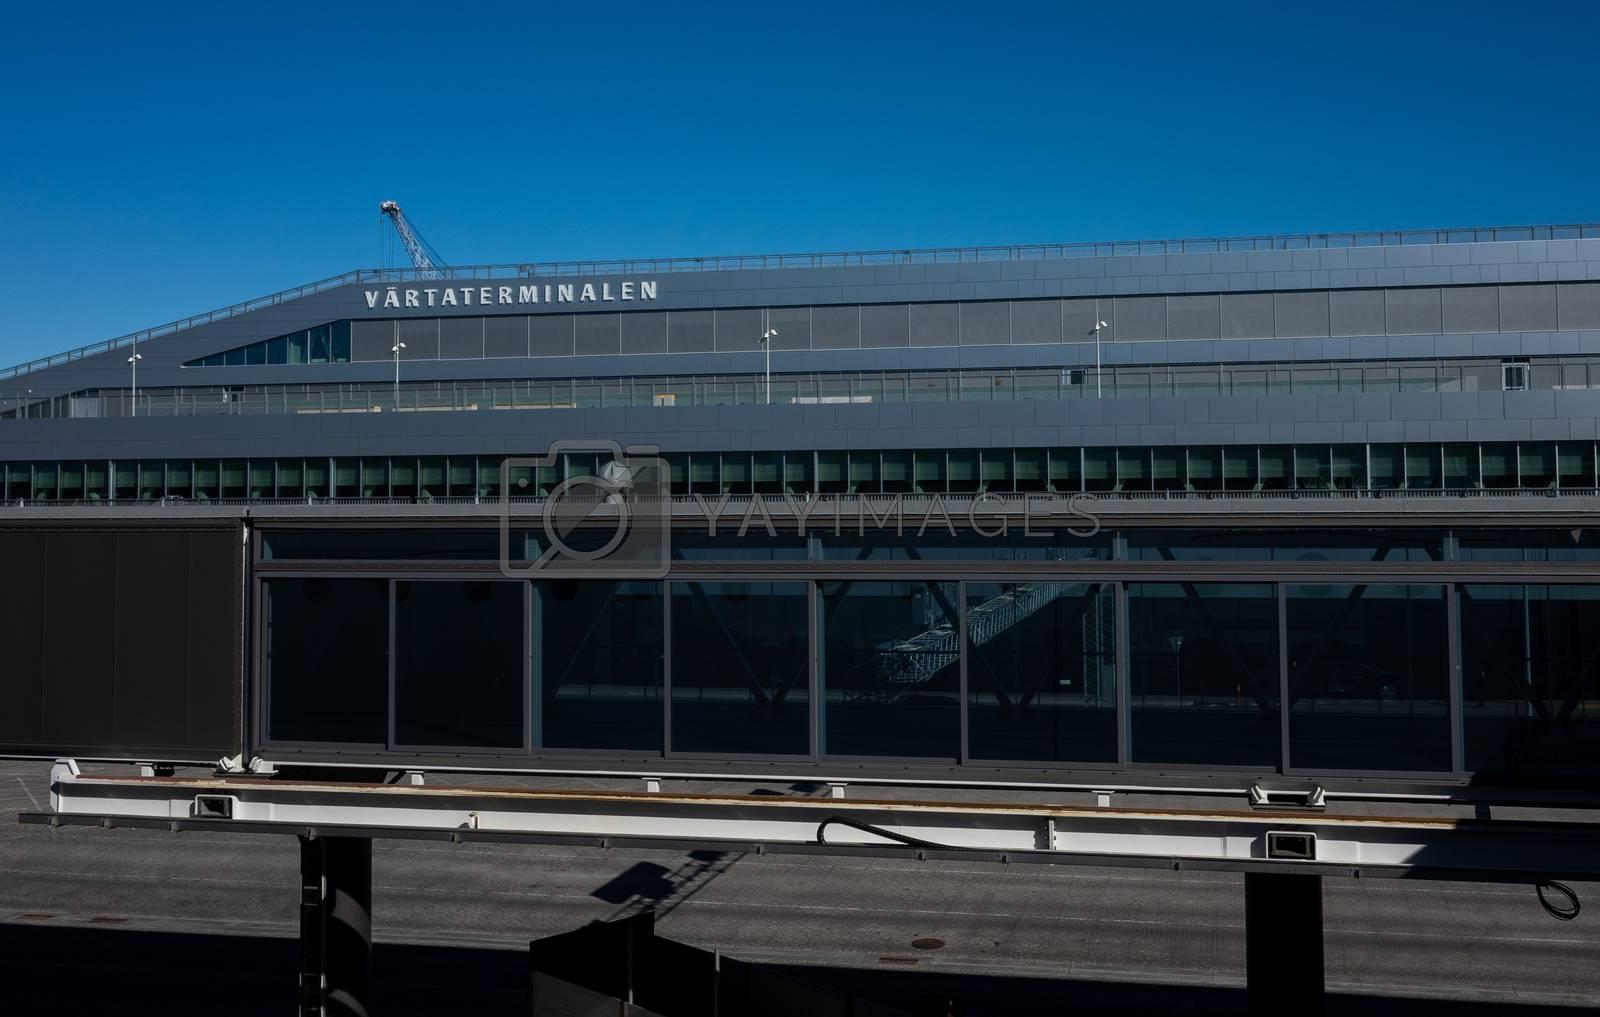 22 April 2019, Stockholm, Sweden. Passenger terminal in the port Vartahamnen in Stockholm.